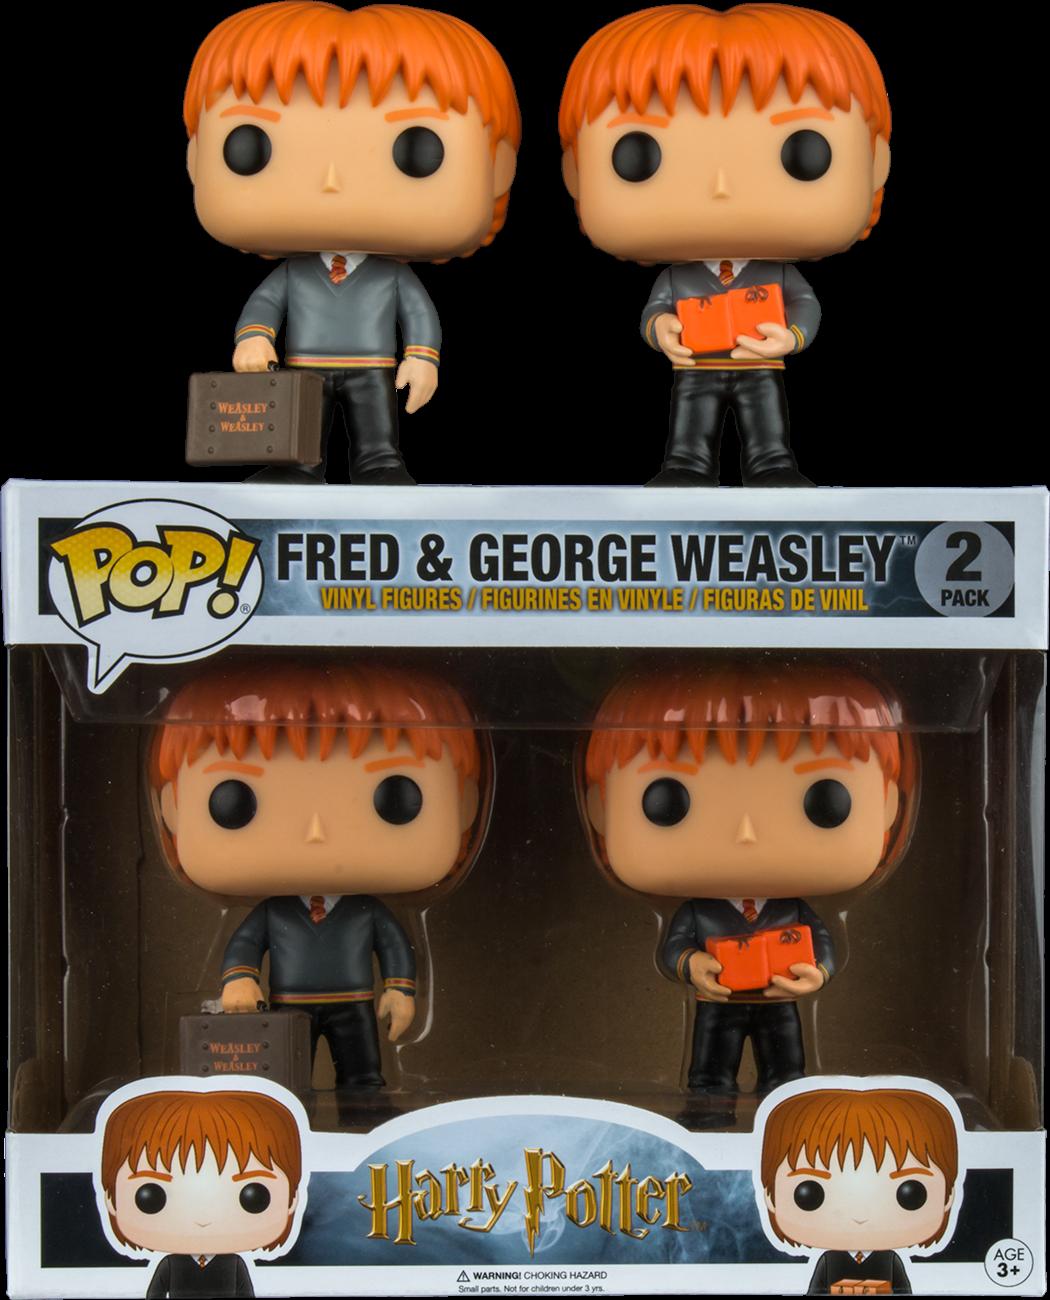 Funko Pop: Harry Potter - Fred & George Weasley imagine